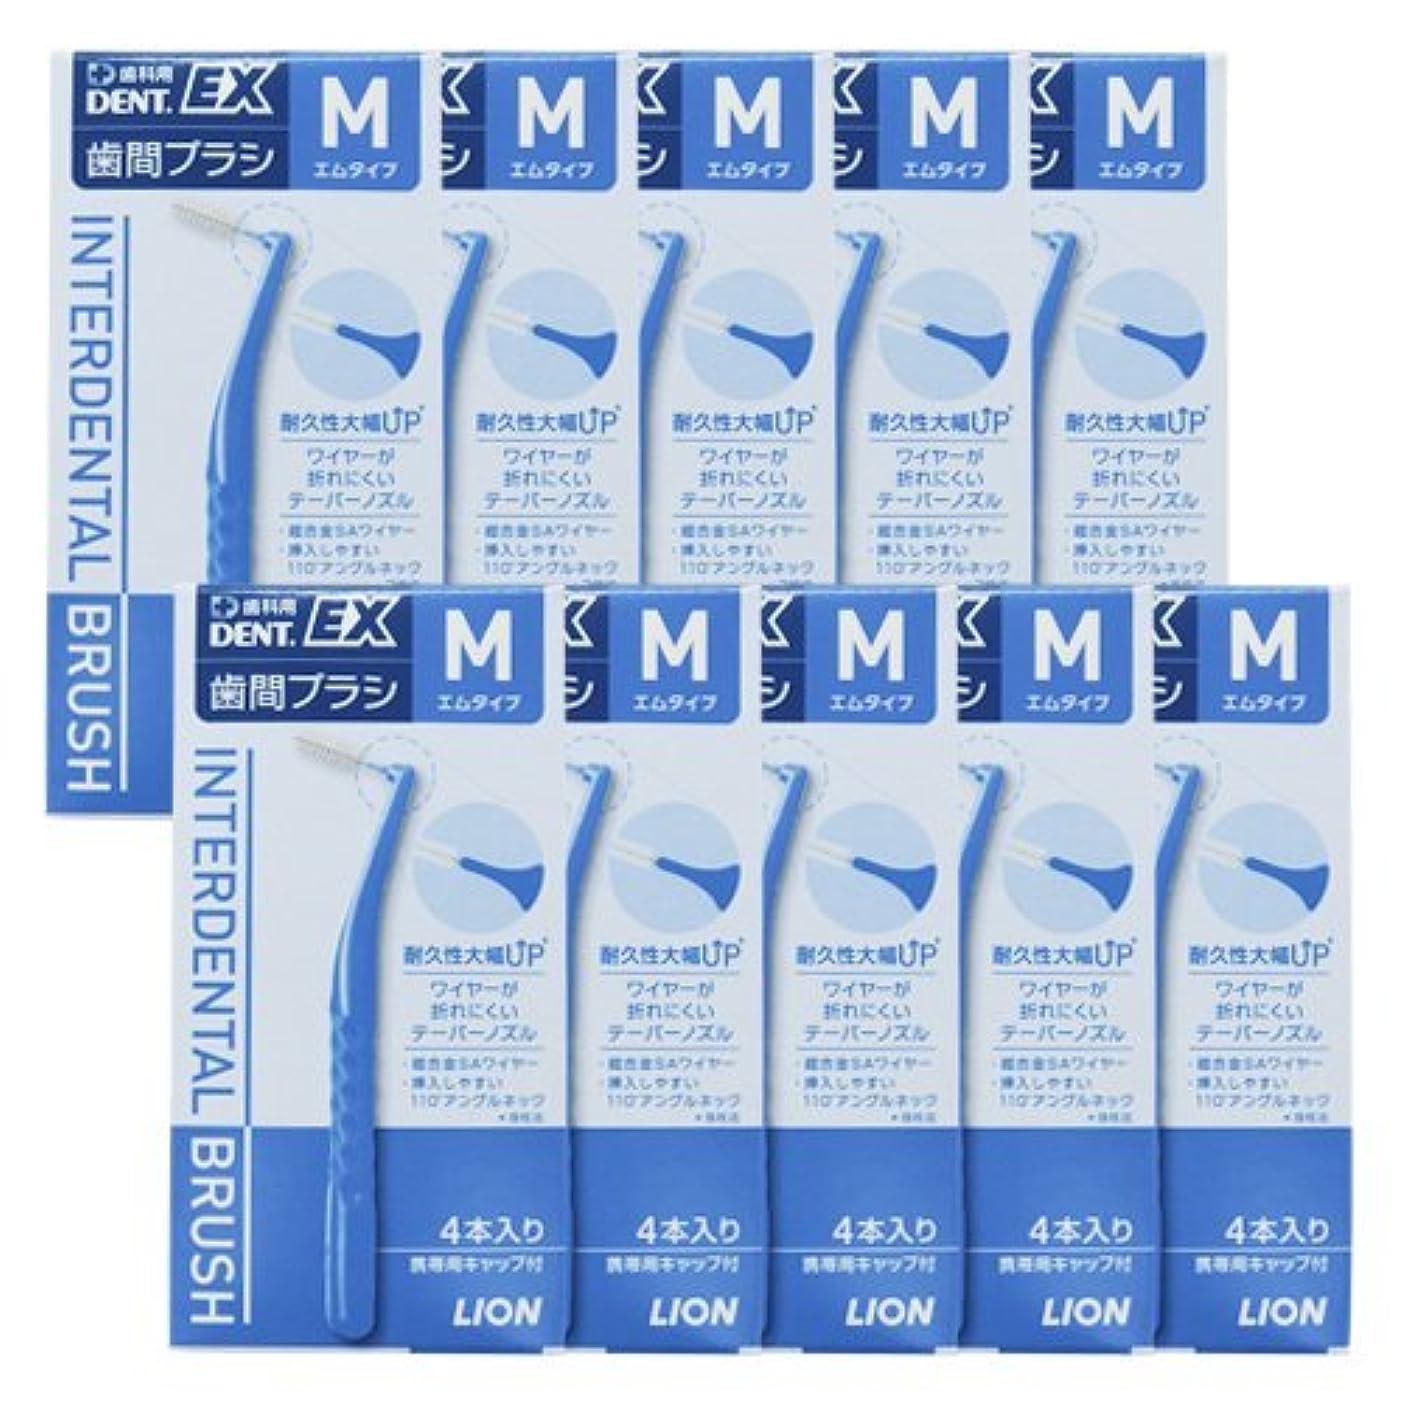 ハグ公平長いですライオン(LION) デント EX 歯間ブラシ M (LION DENT. EX 歯間ブラシ) 10箱 40本セット